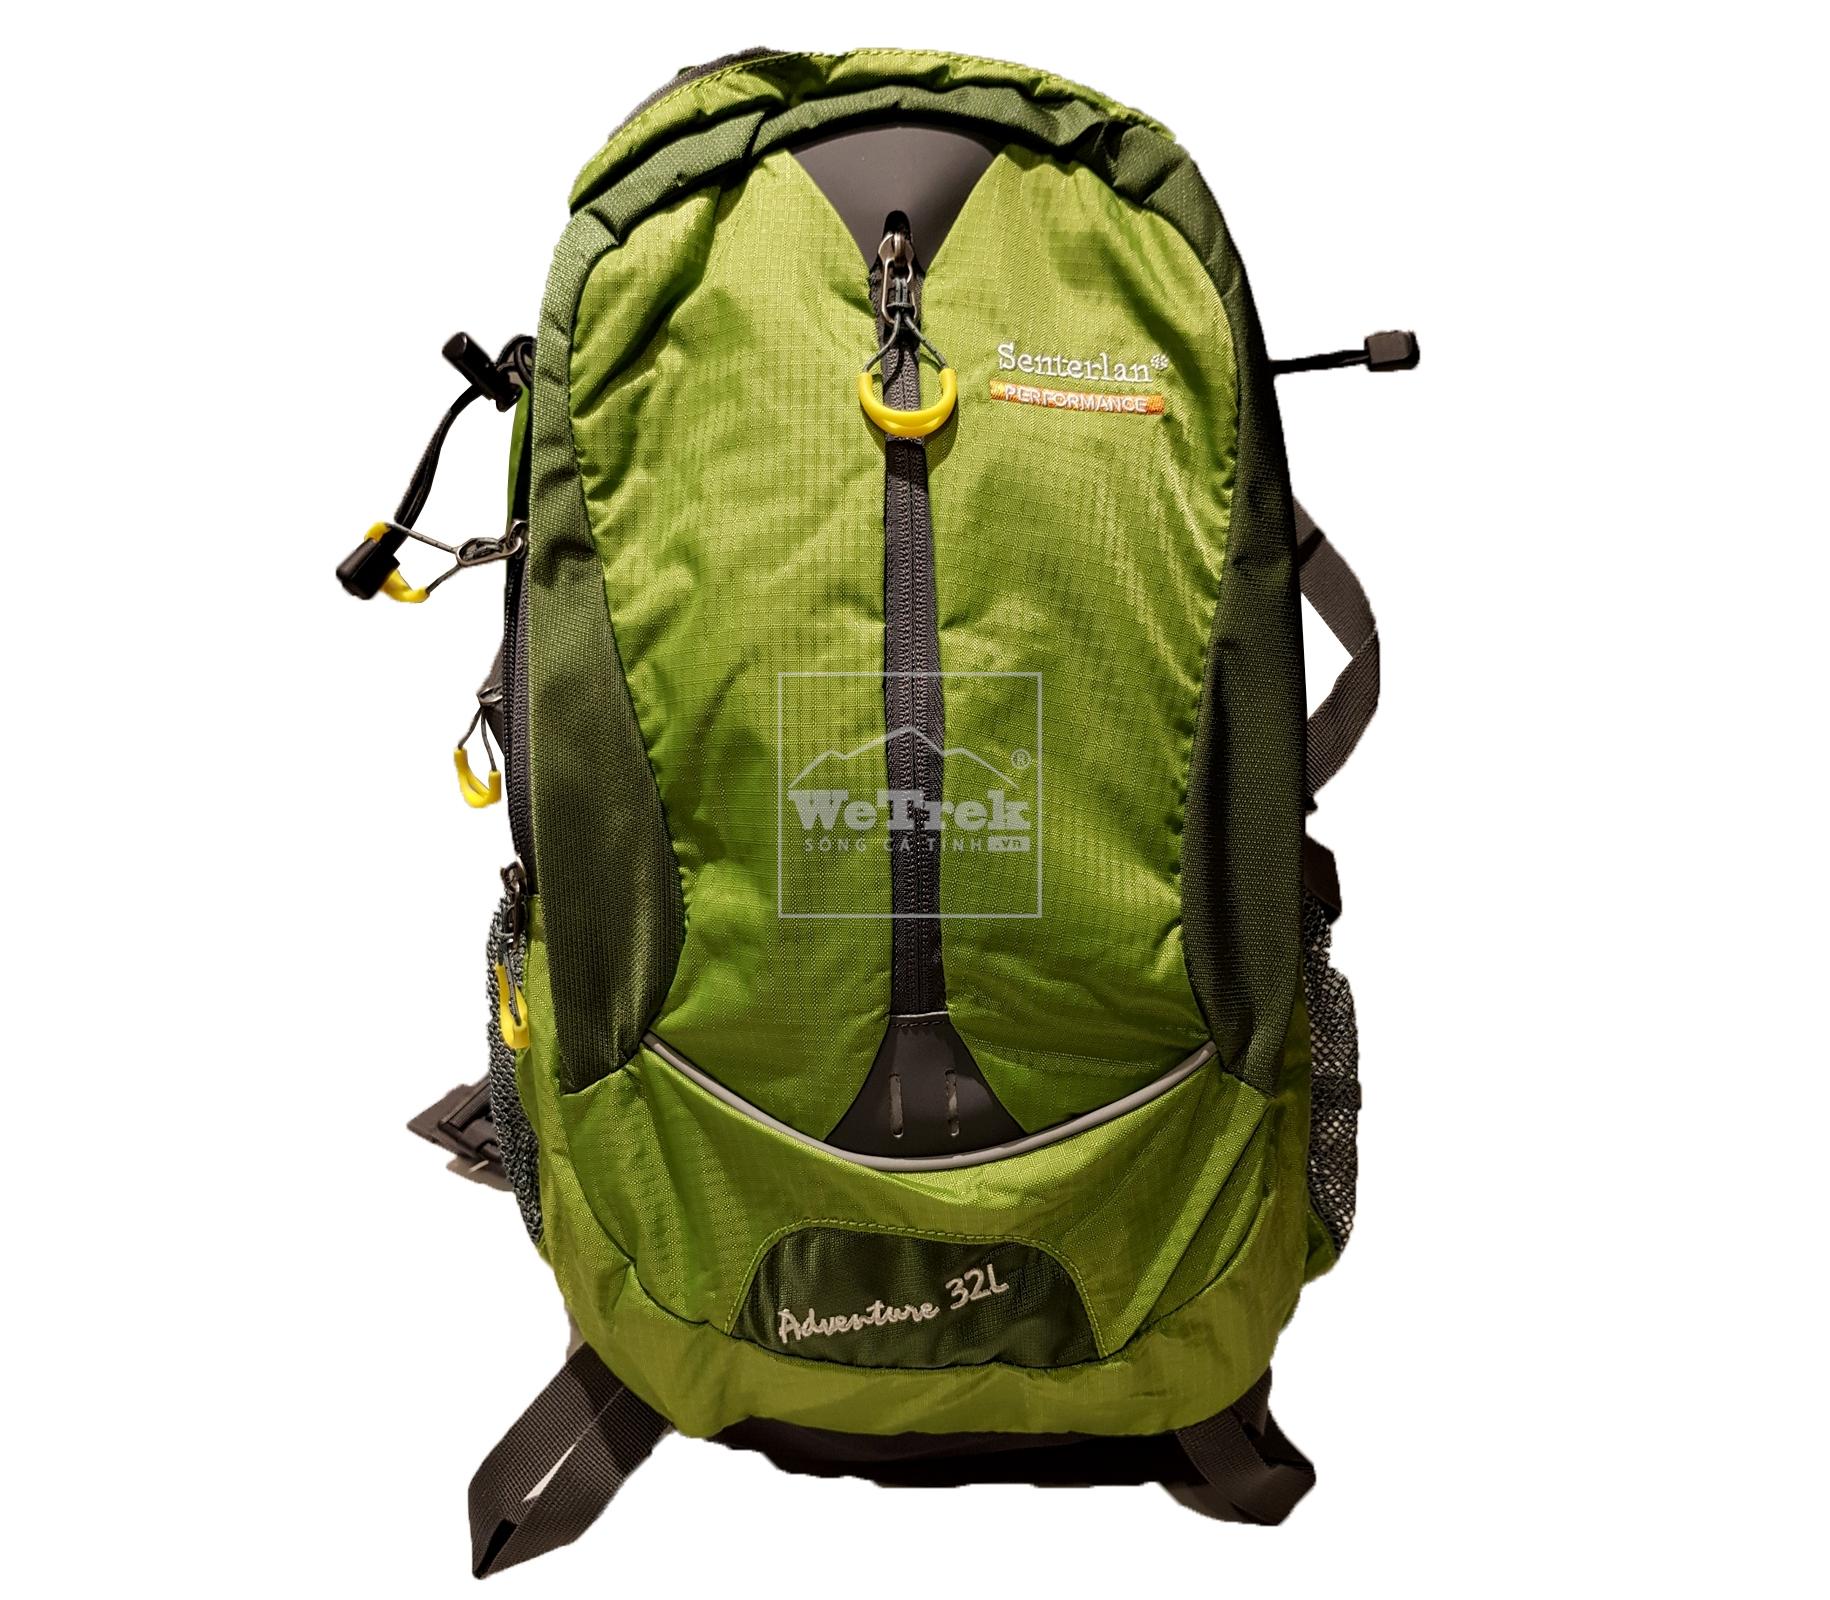 Balo leo núi 32L Senterlan Adventure S2128 Xanh lá - 9226